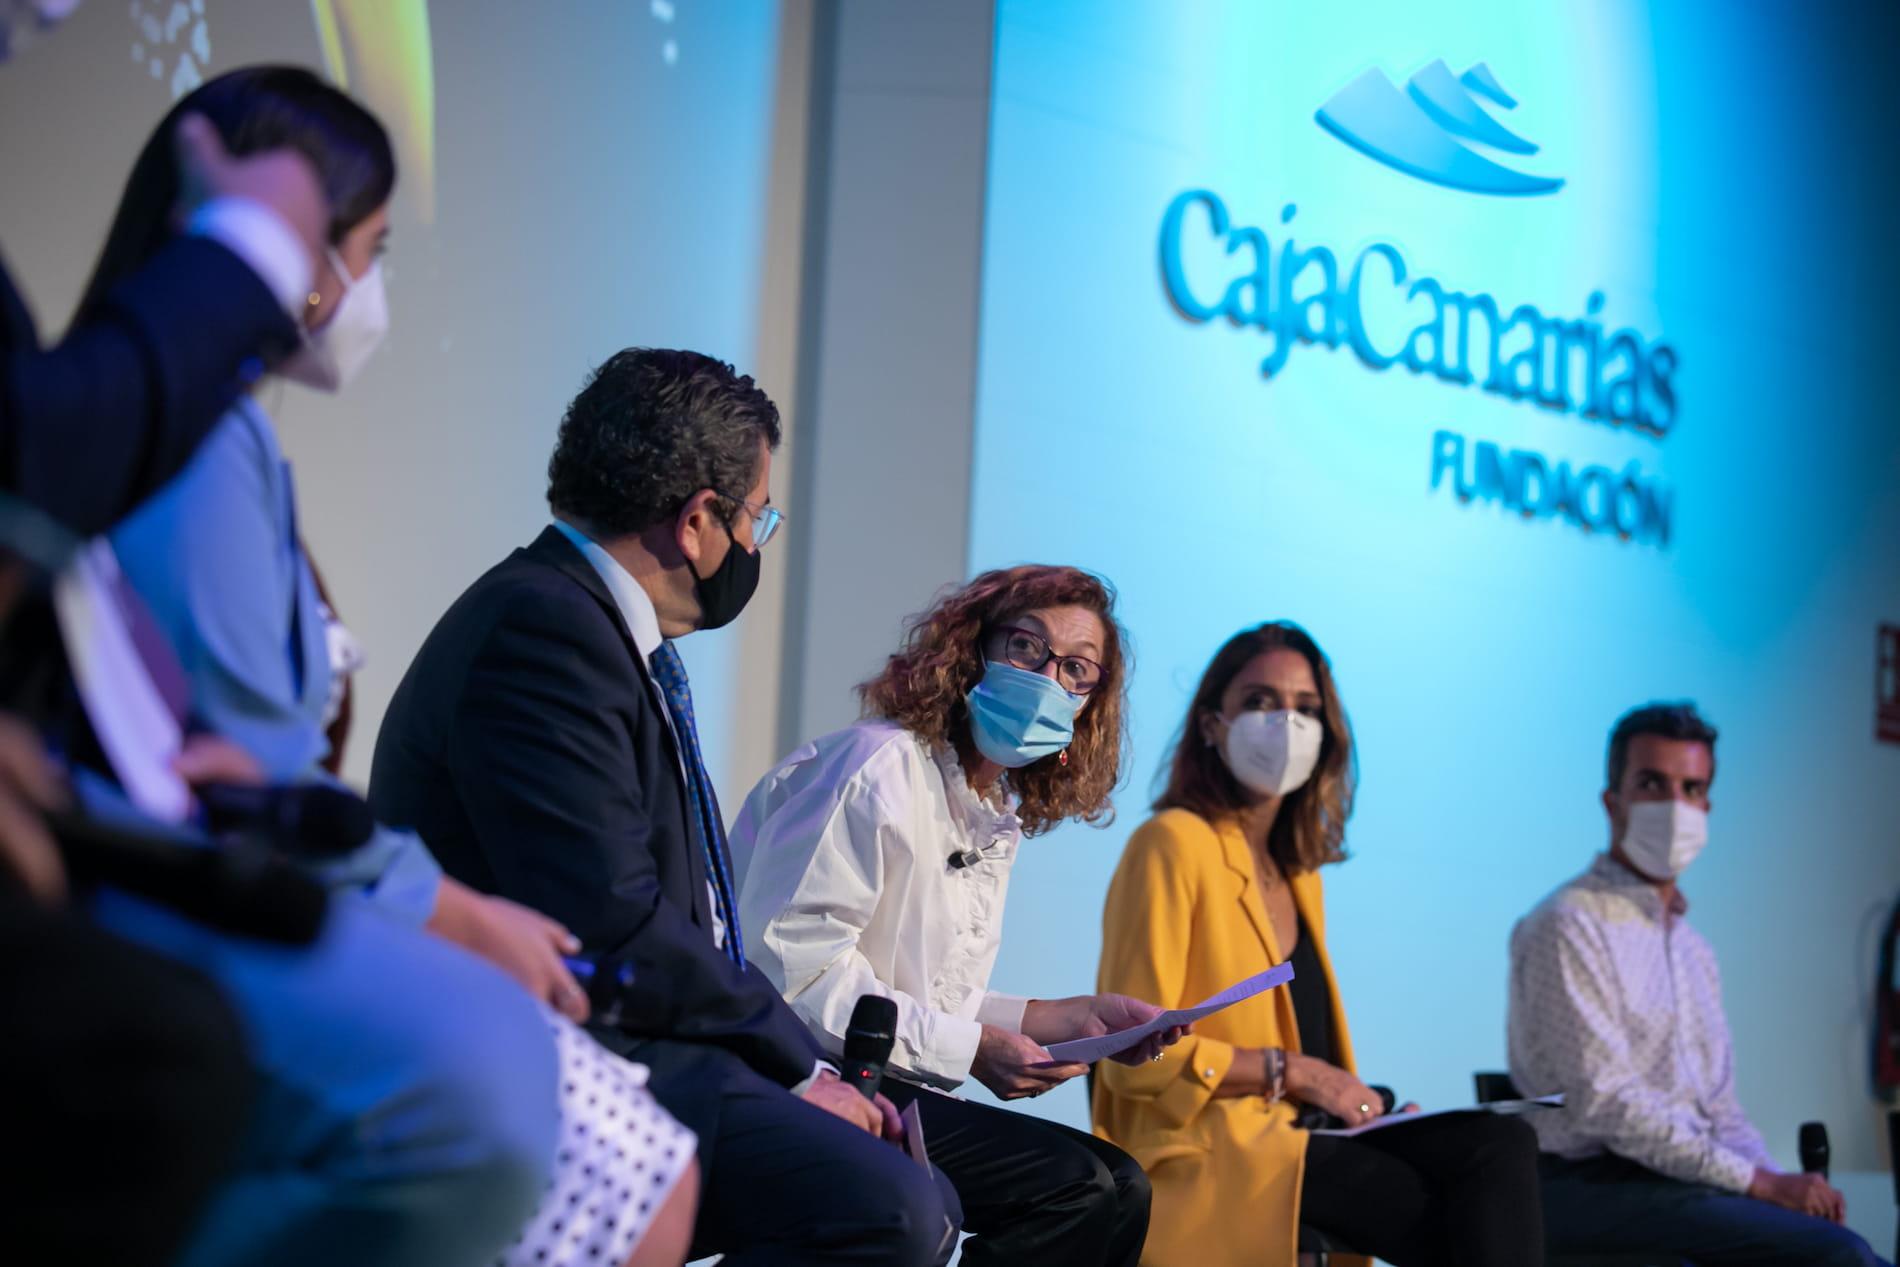 cajacanarias iv festival canarias artes escenicas2021 5